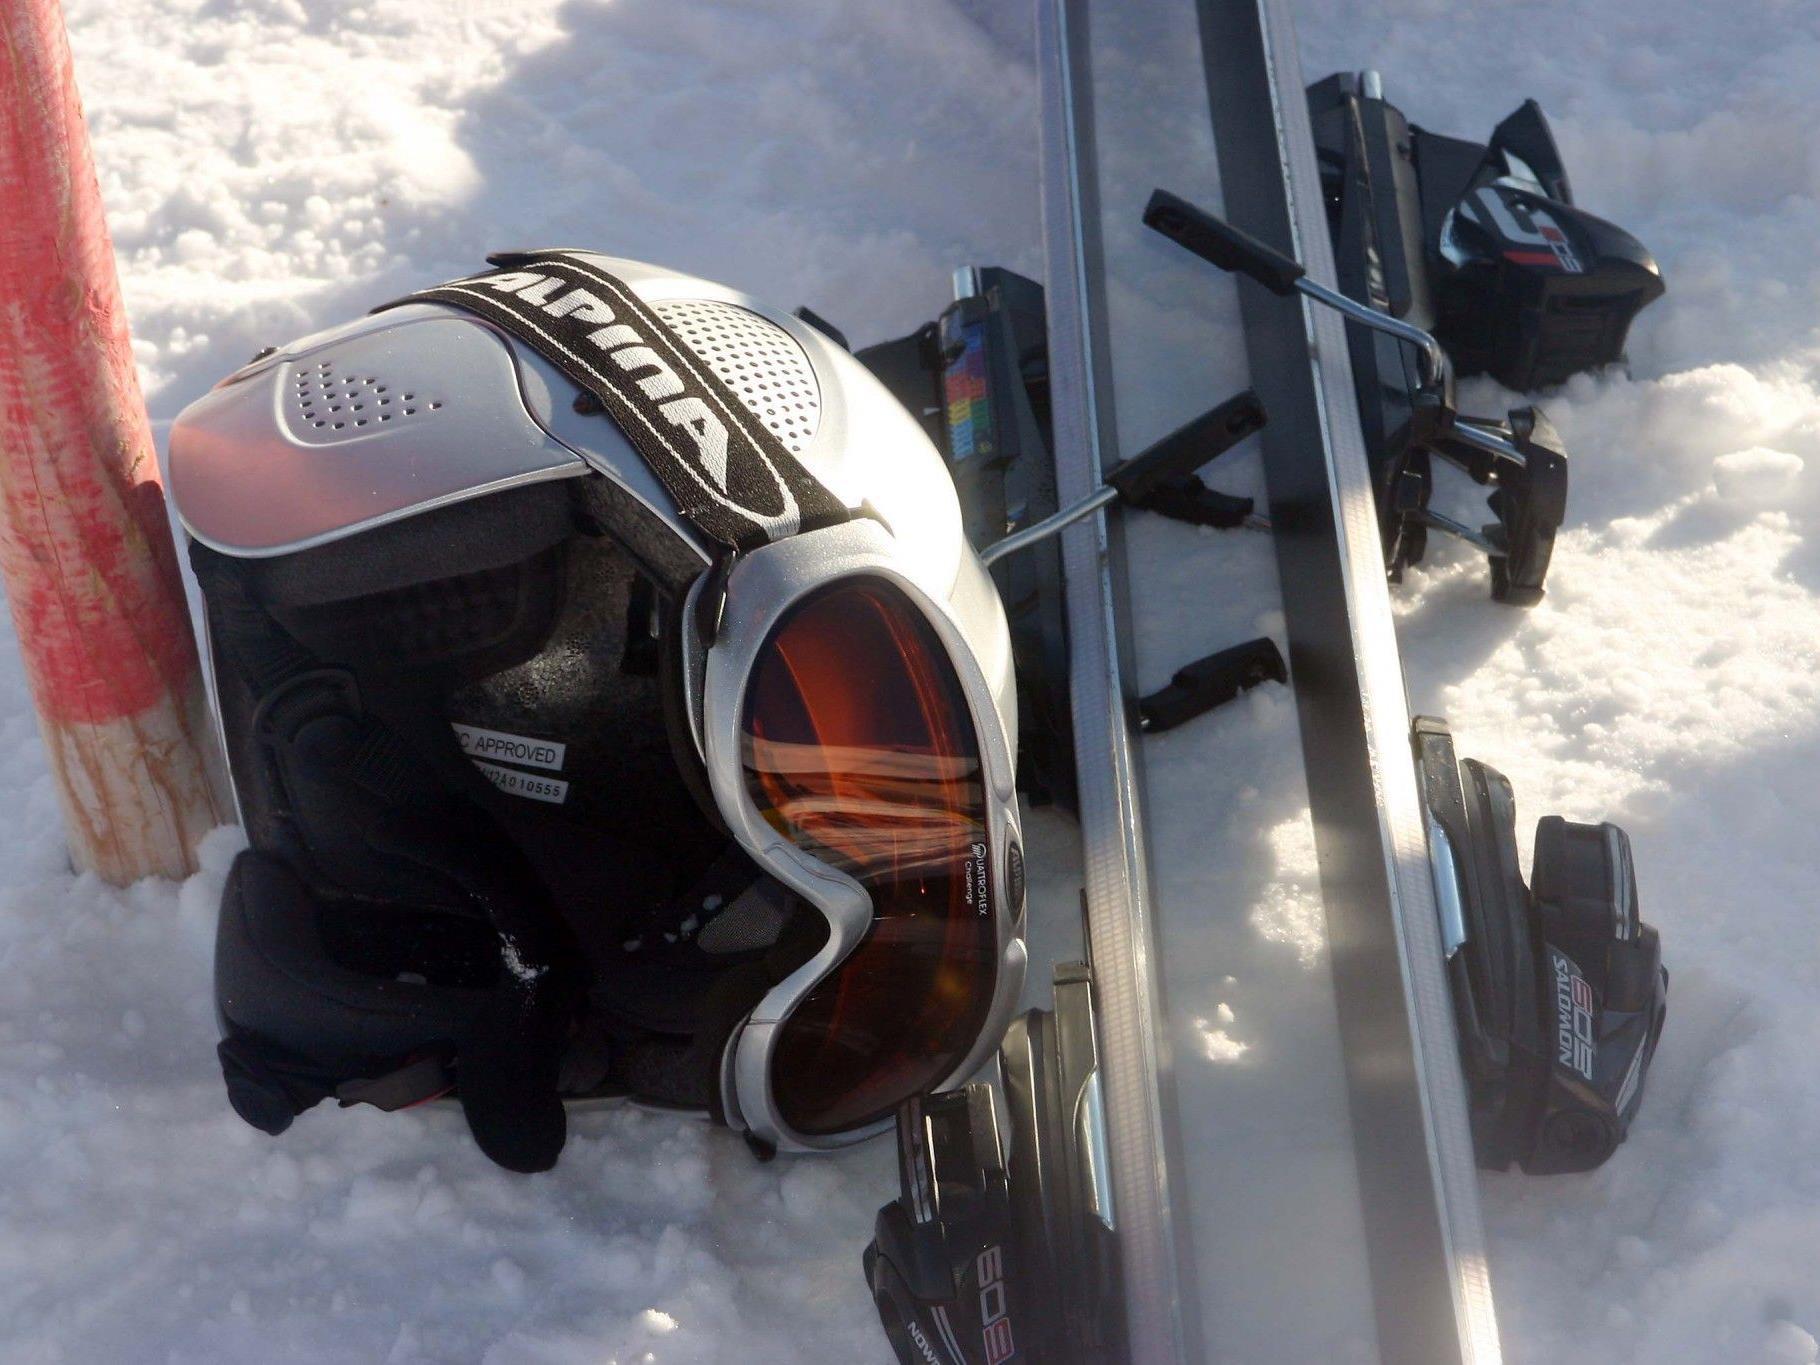 29-jährige Skifahrerin erlitt nach Kollision auf der Piste schwere Verletzungen.